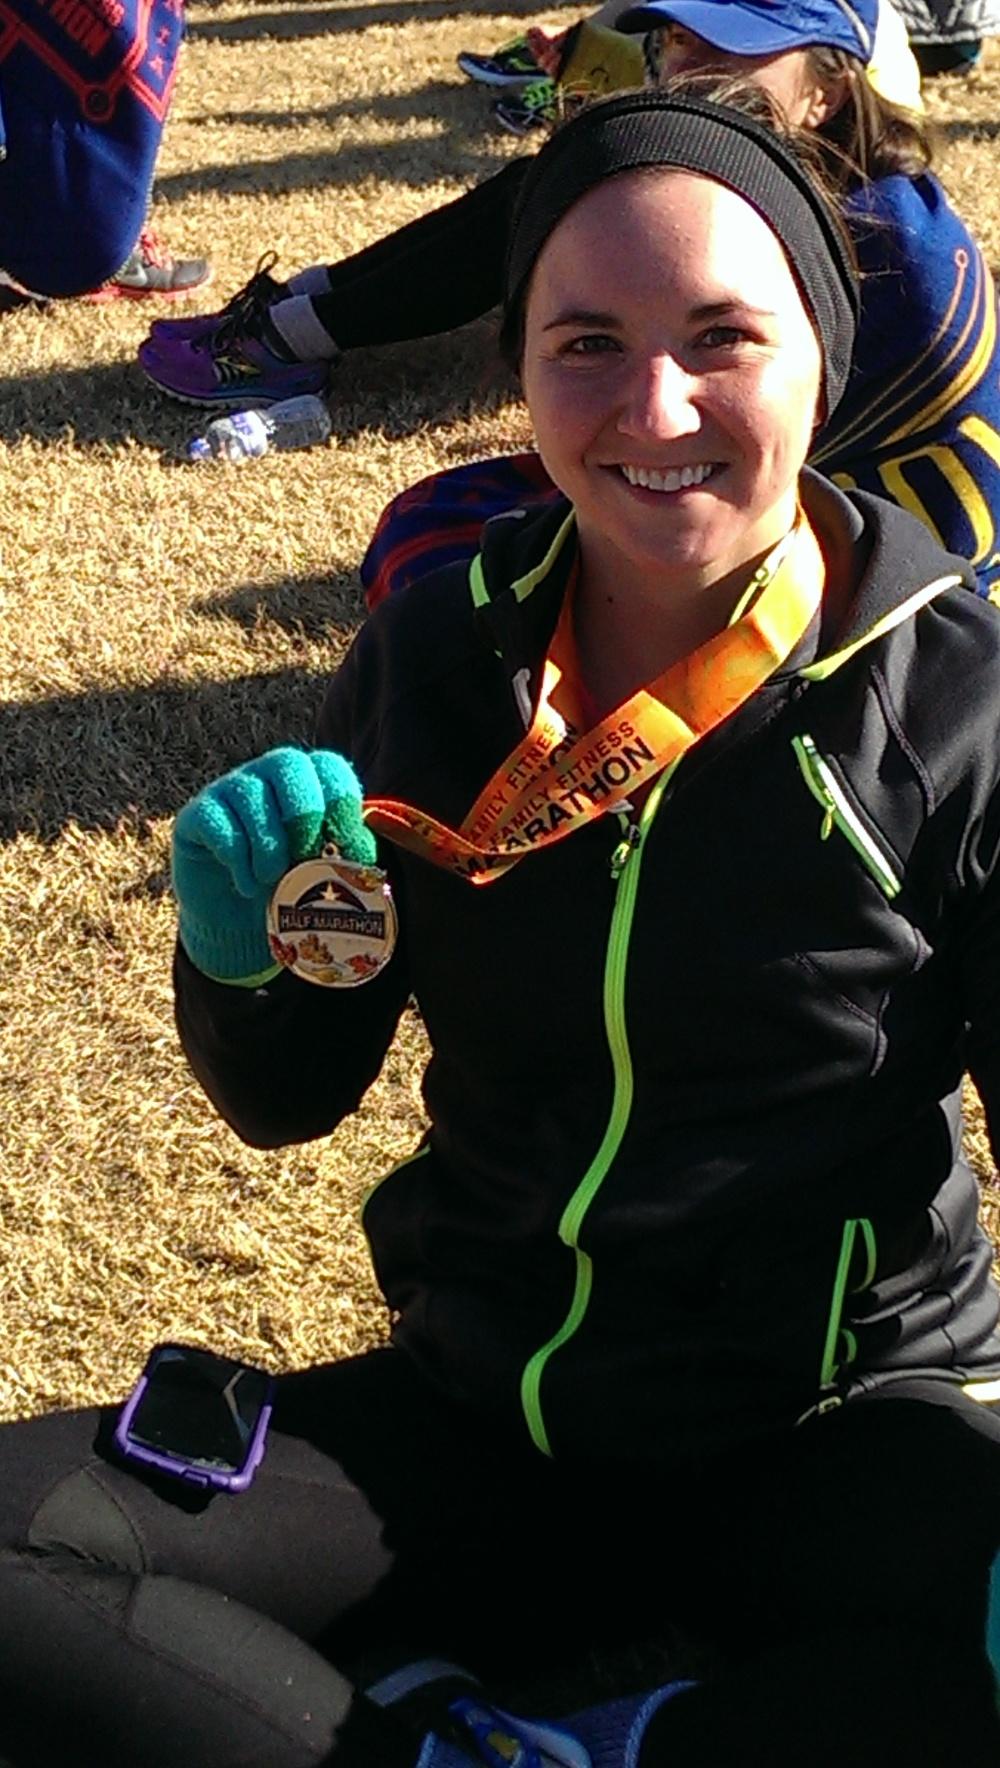 Erica Crist with a Half Marathon PR in Richmond, Virginia